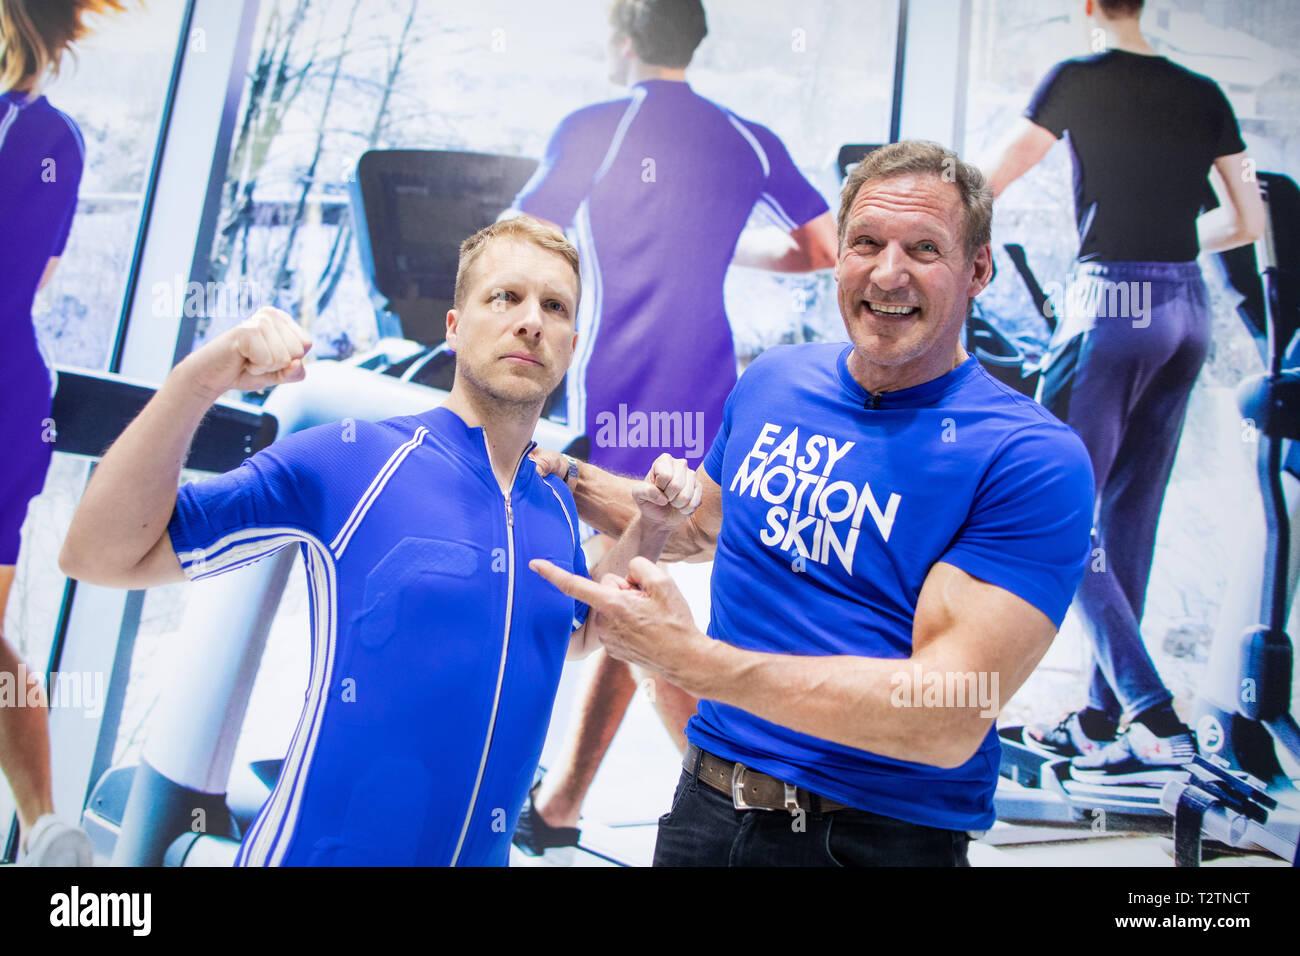 Worlds largest bodybuilder